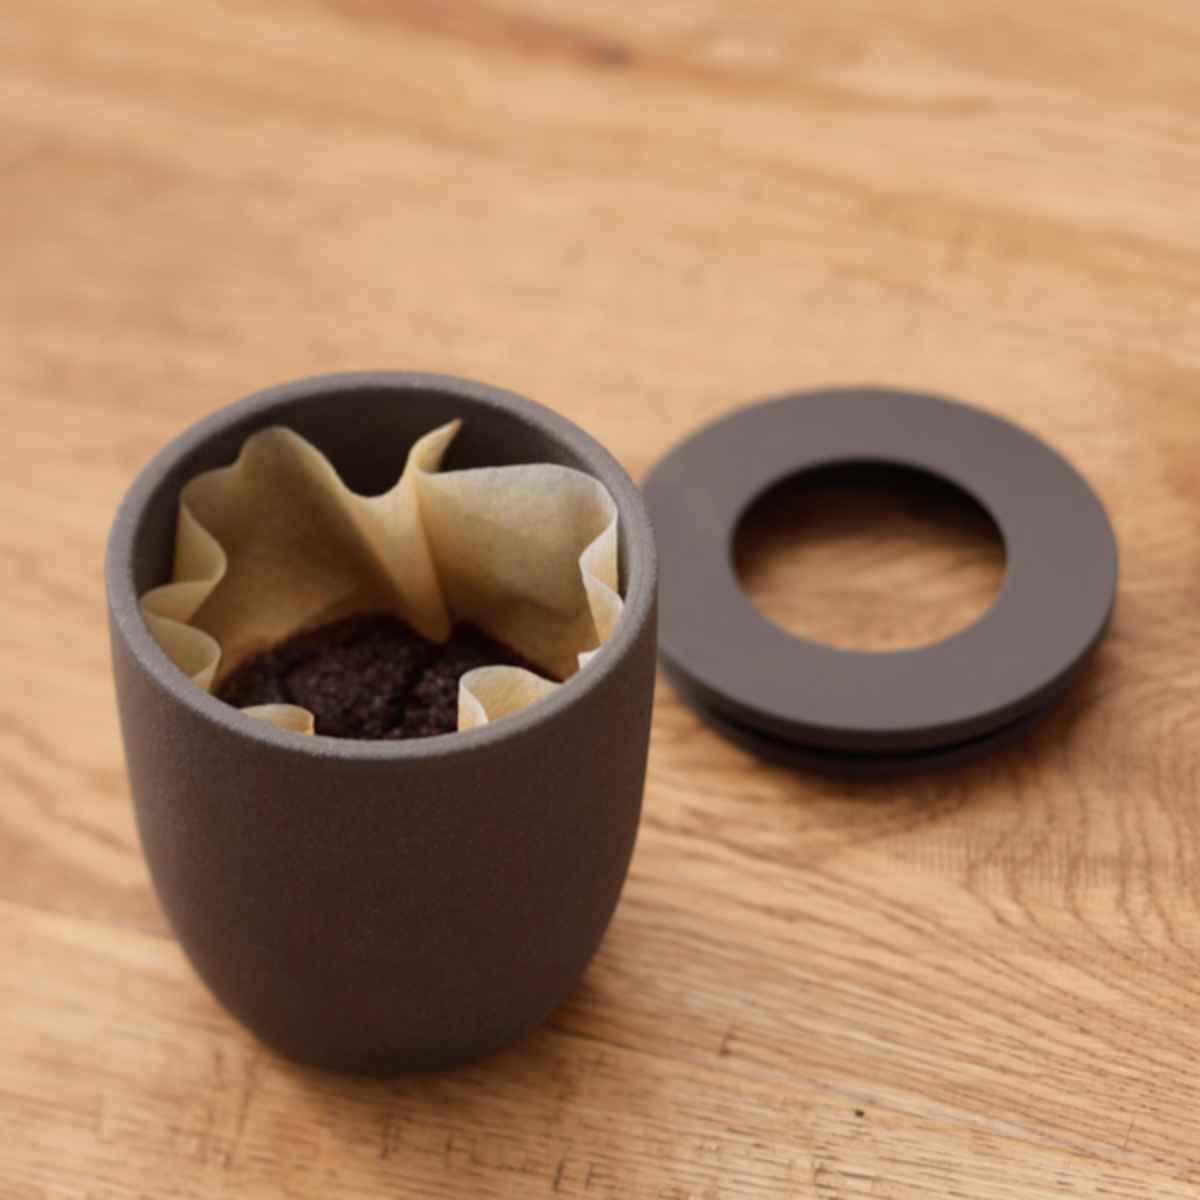 消臭剤 MARNA マーナ コーヒーかす消臭ポット